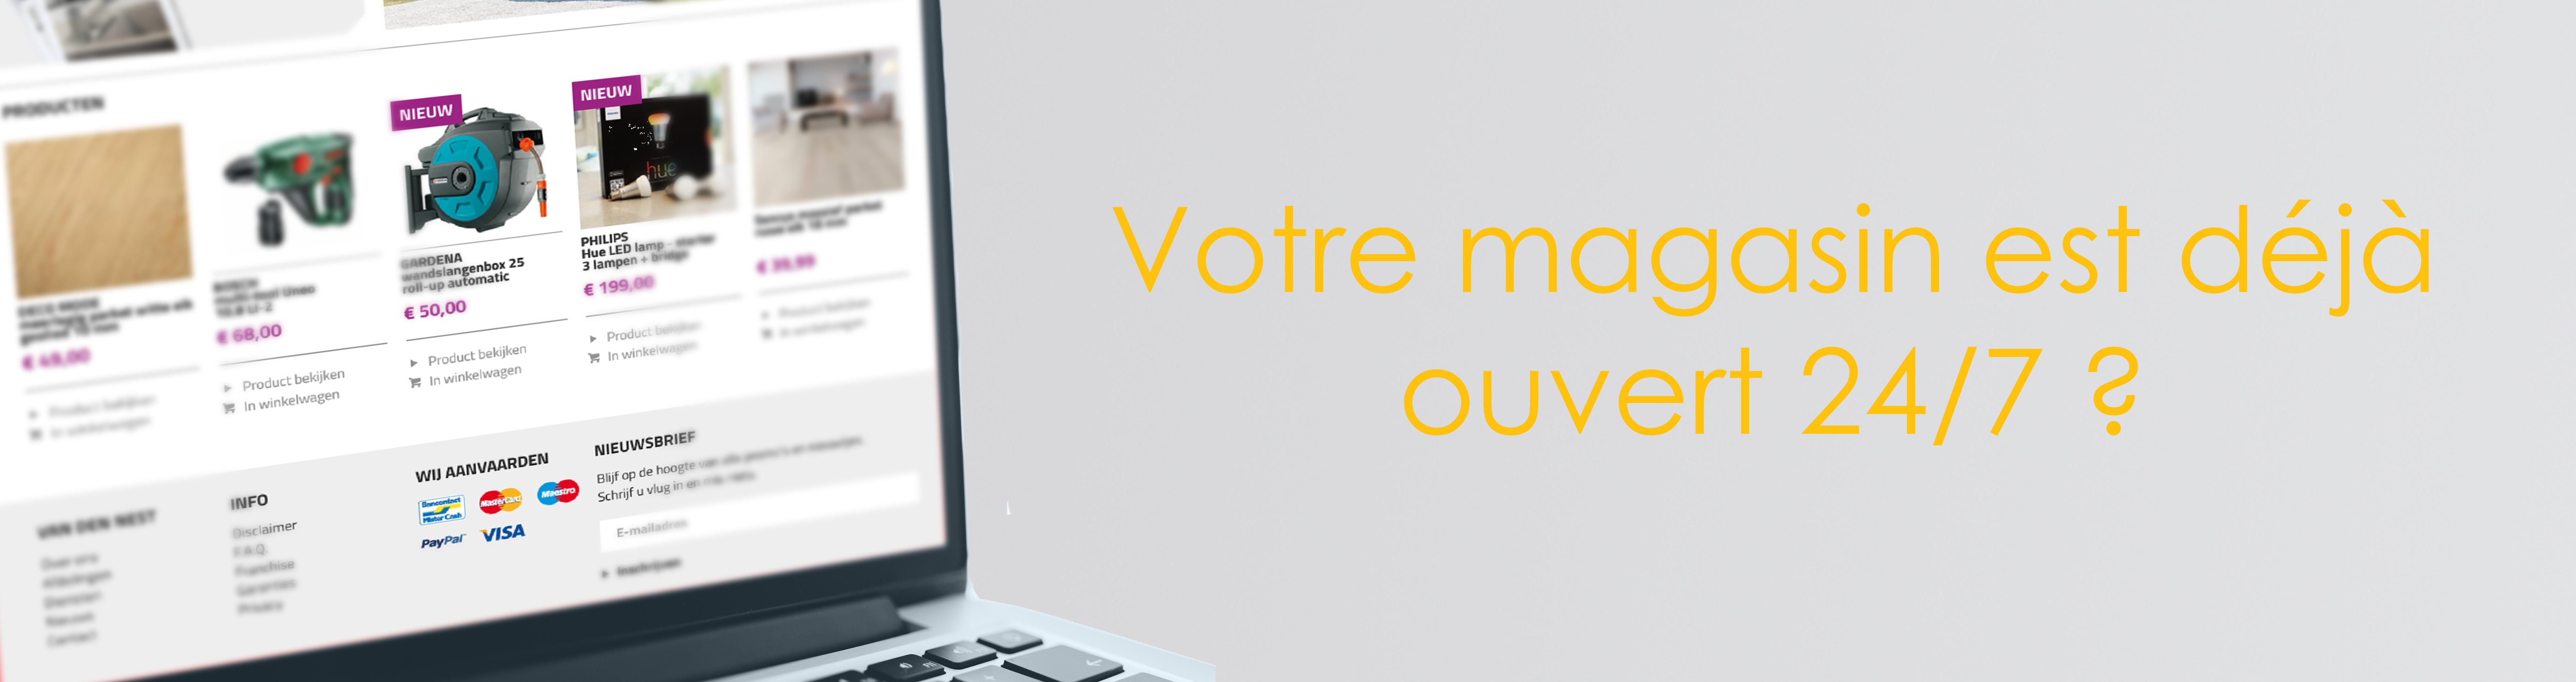 SDP e-commerce boutique internet Webshop